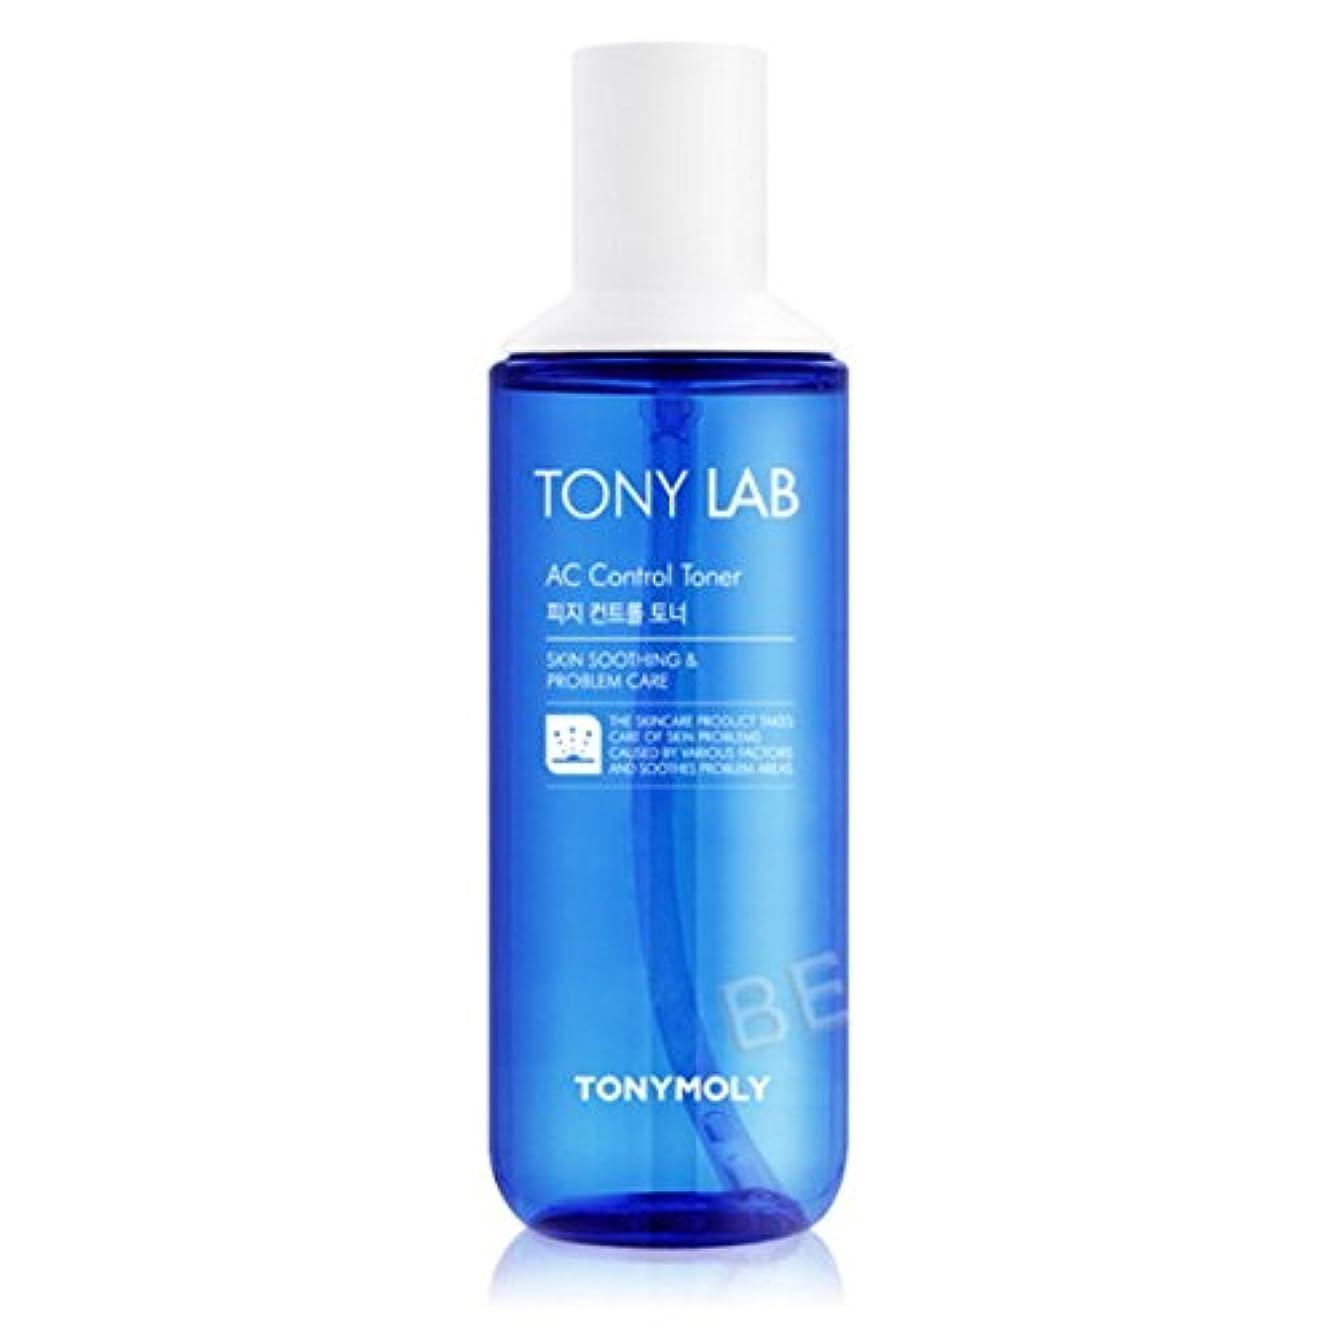 逃げるレーニン主義膨らませる(3 Pack) TONYMOLY Tony Lab AC Control Toner (並行輸入品)